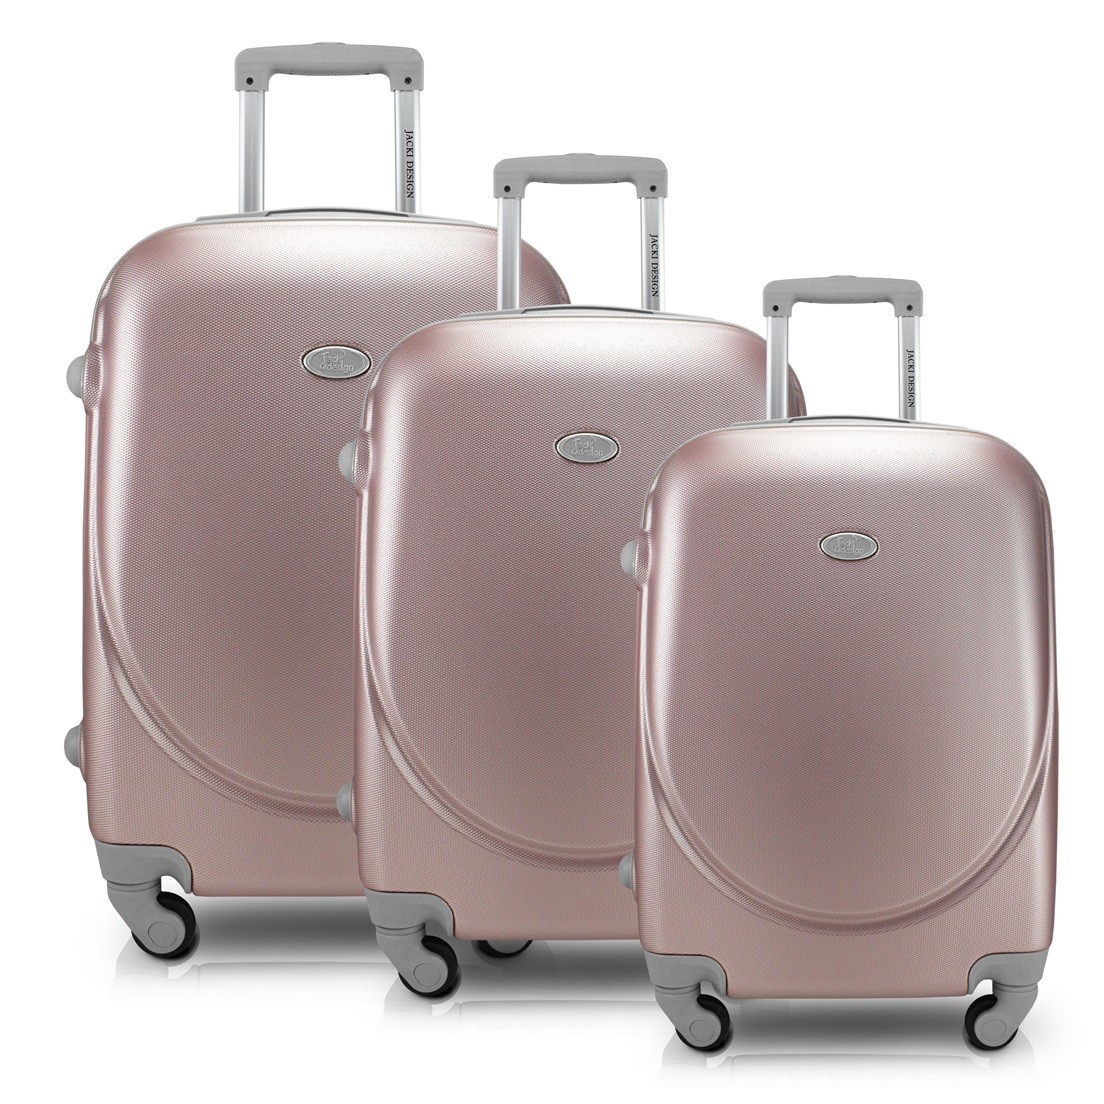 Conjunto de Malas de Viagem com 3 Peças Select Rose Gold Alça Cinza Jacki Design